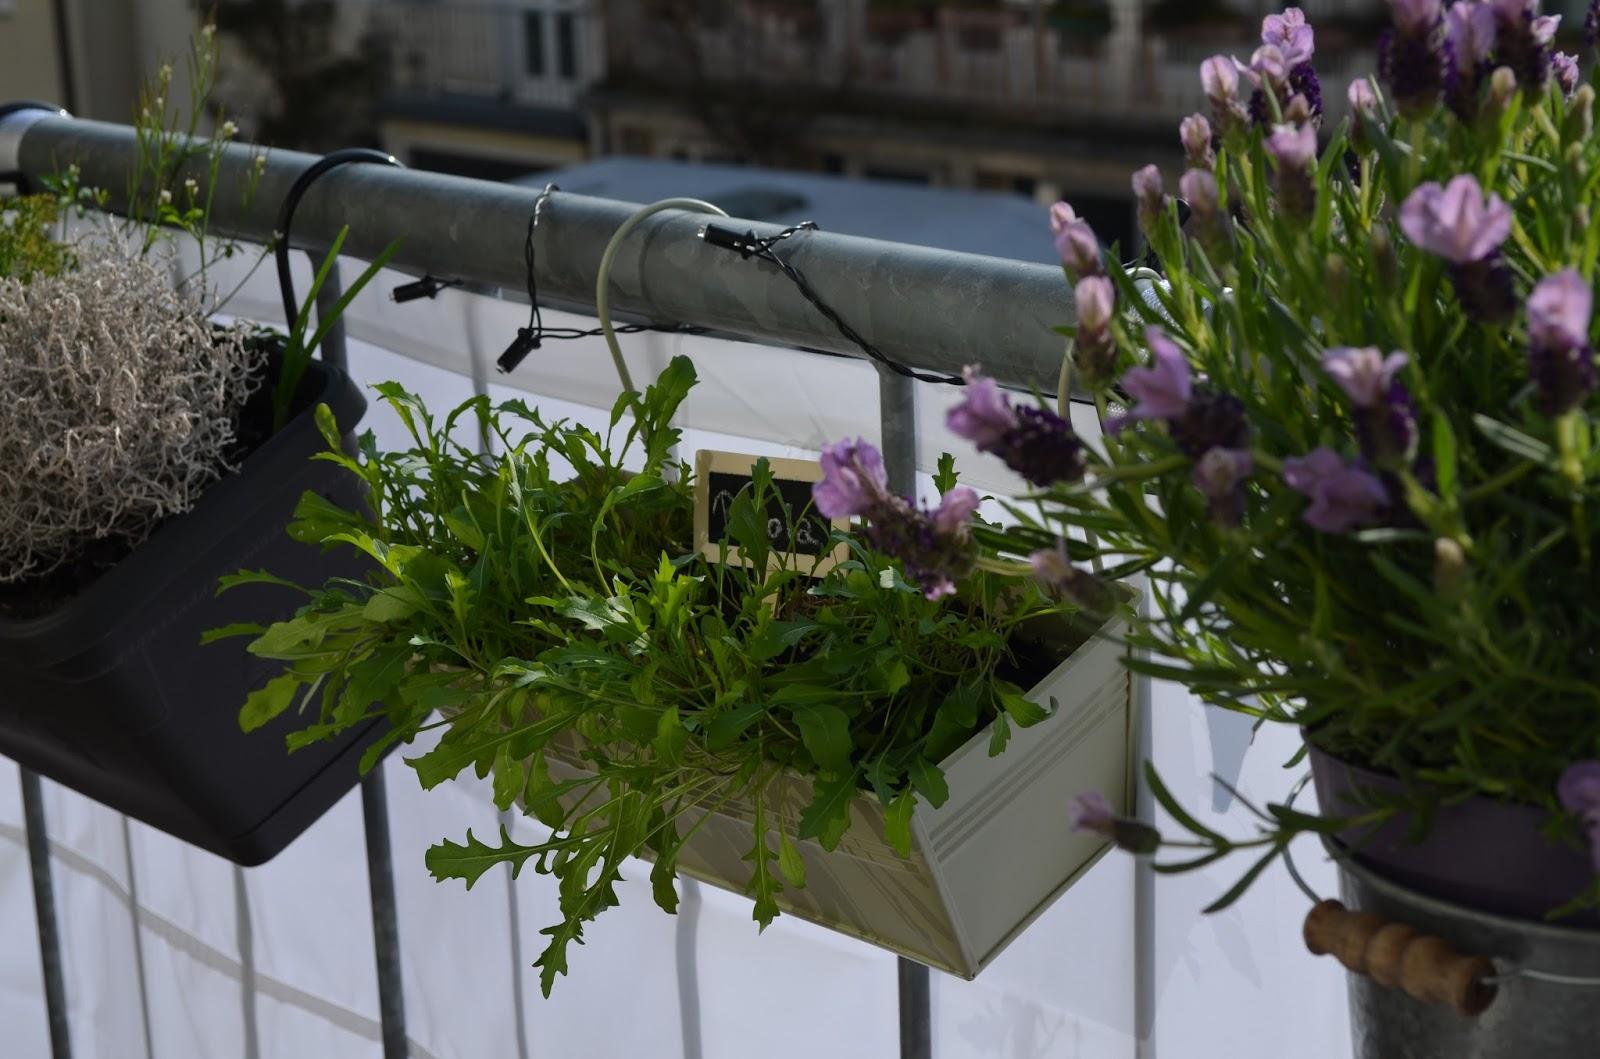 DEARTALLY DIY grünes Balkonpara s mitten in der Stadt